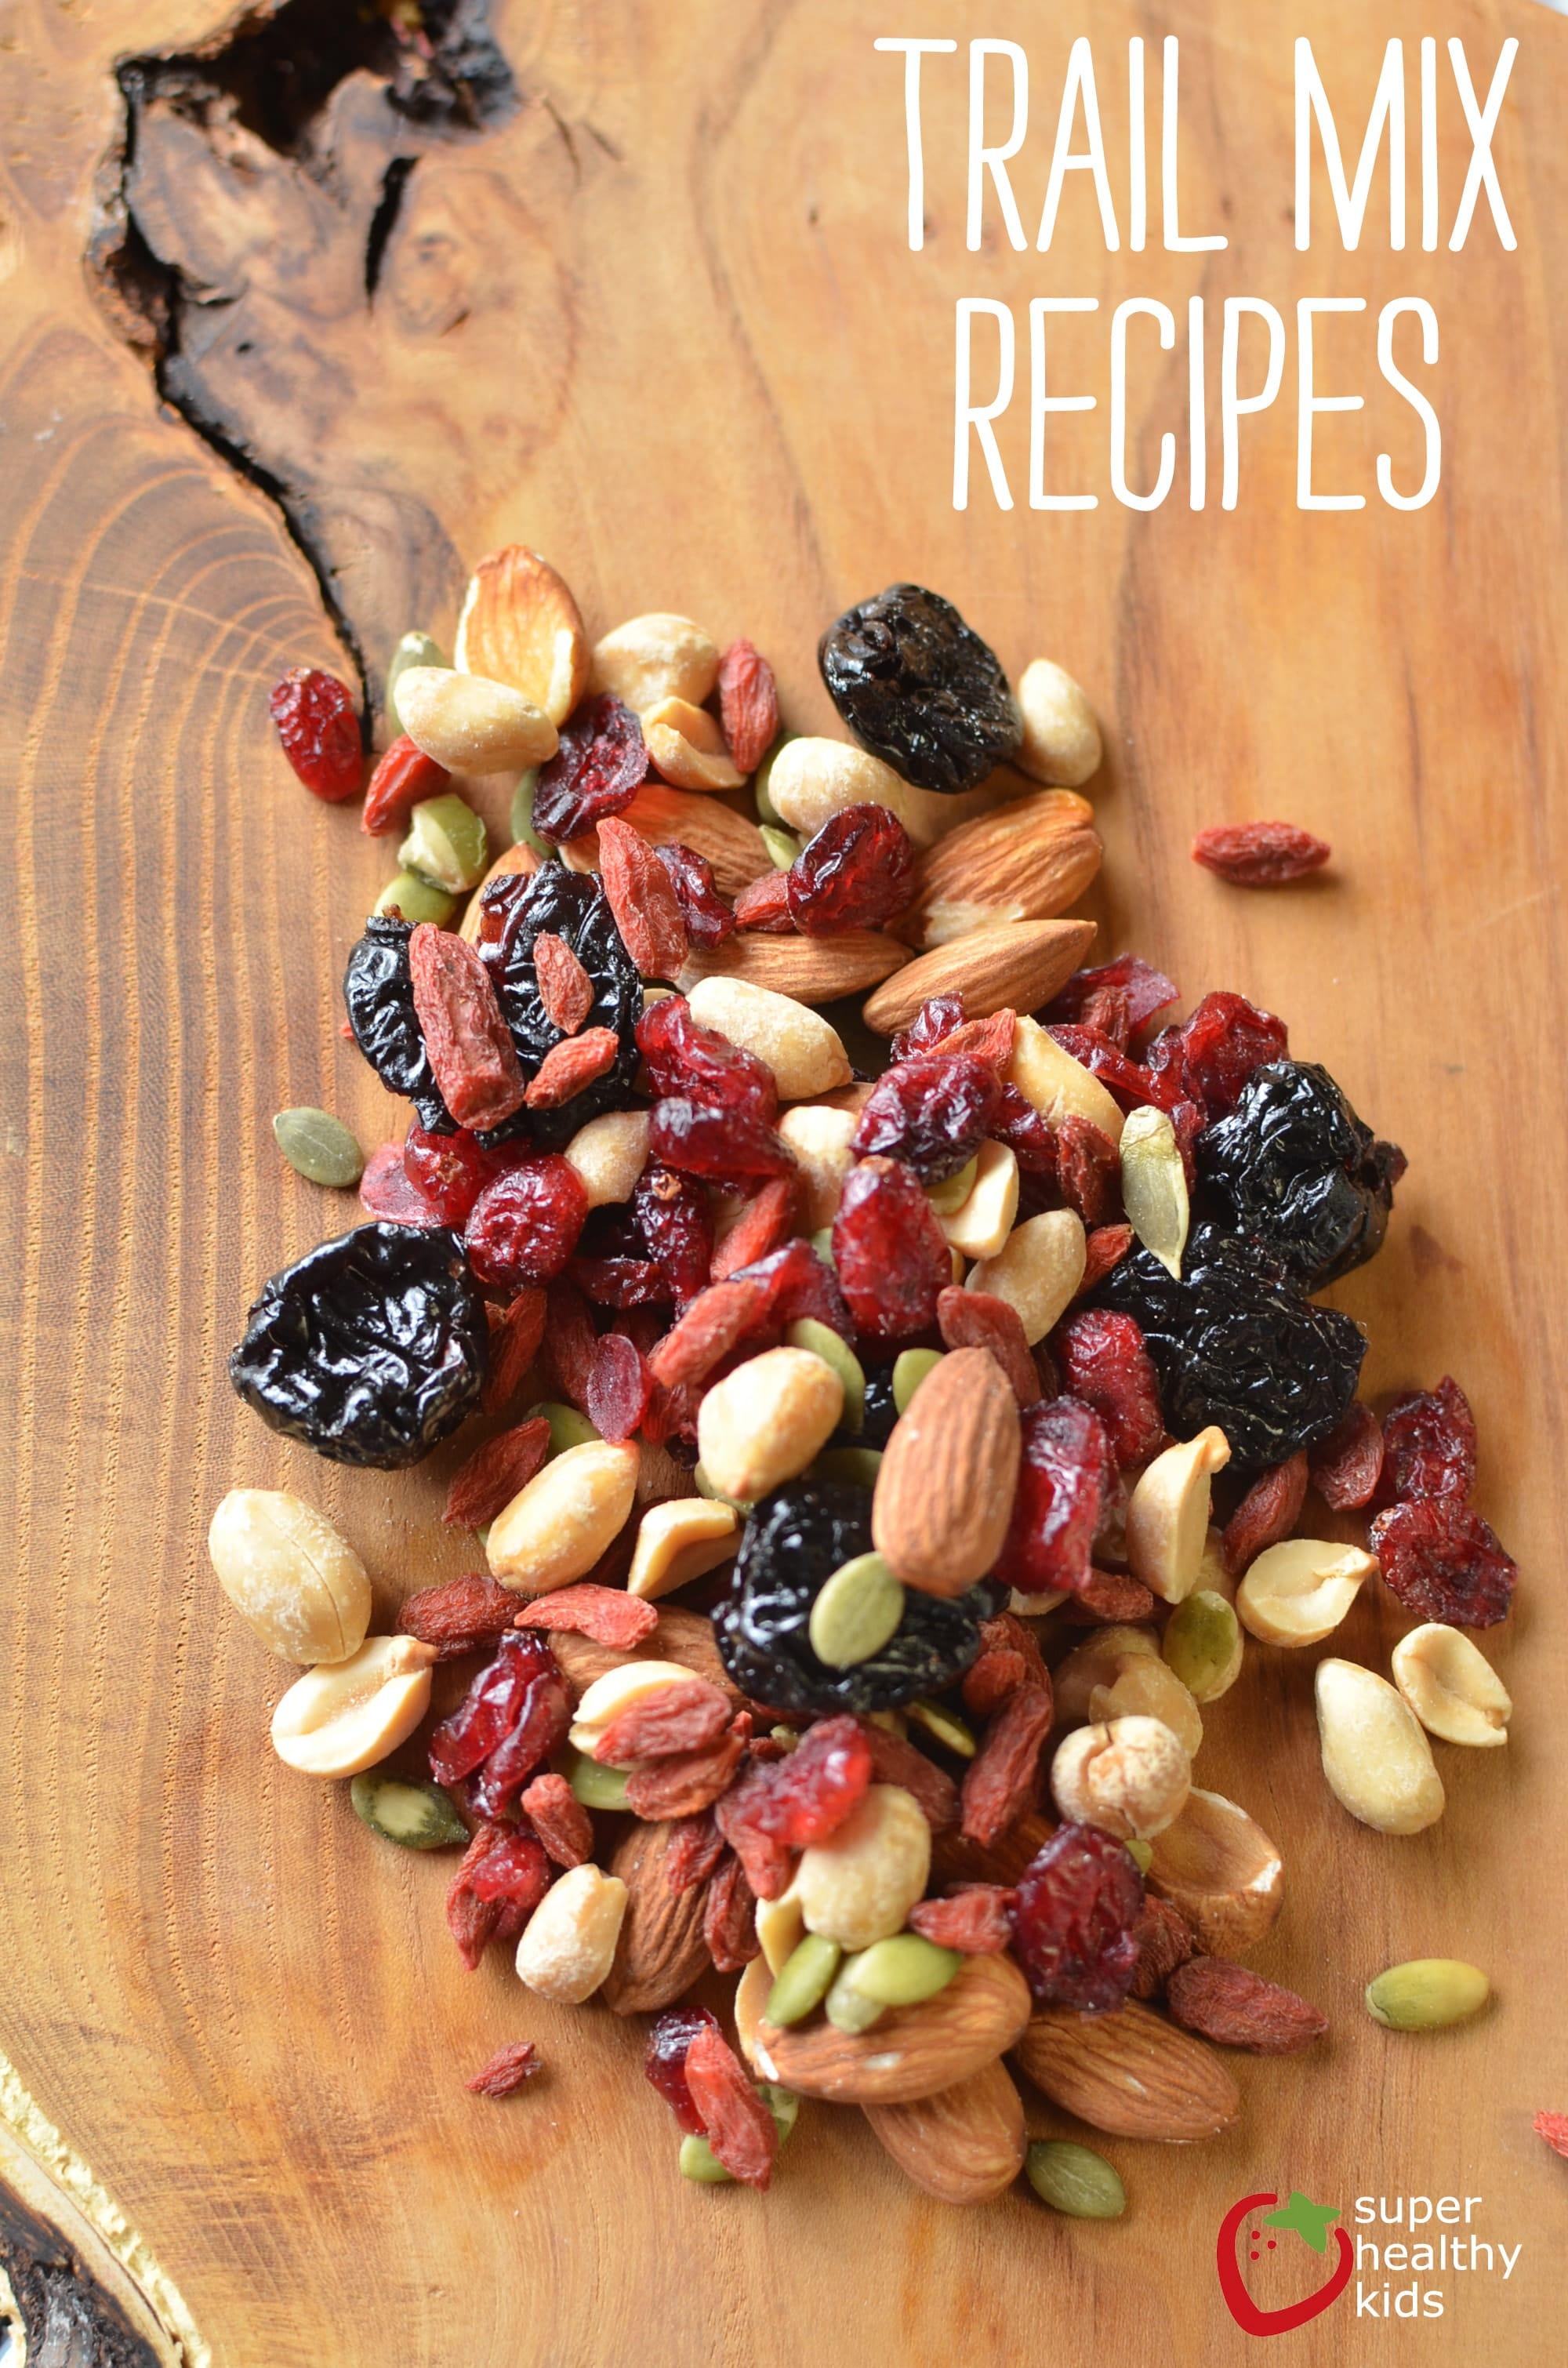 Ultimate Trail Mix Recipe Guide Super Healthy Kids